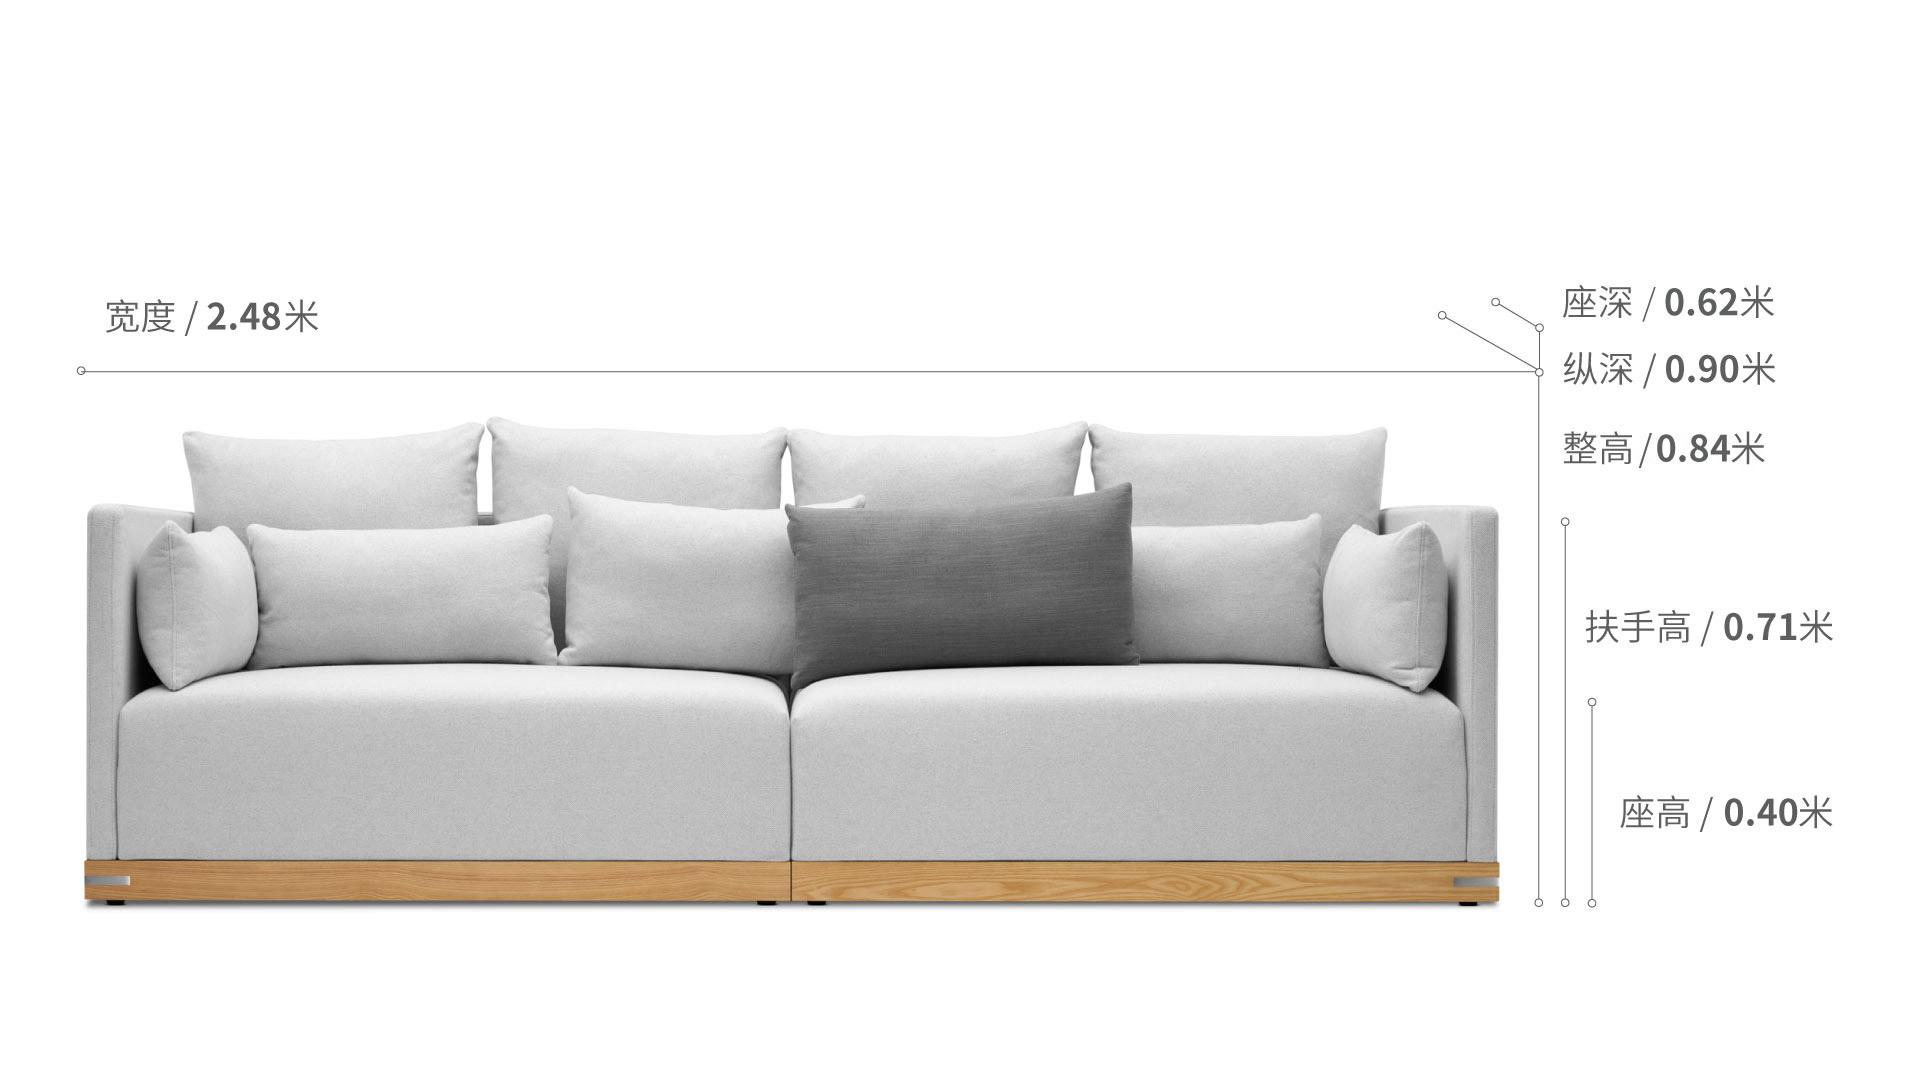 造作远山沙发®大三人座沙发效果图